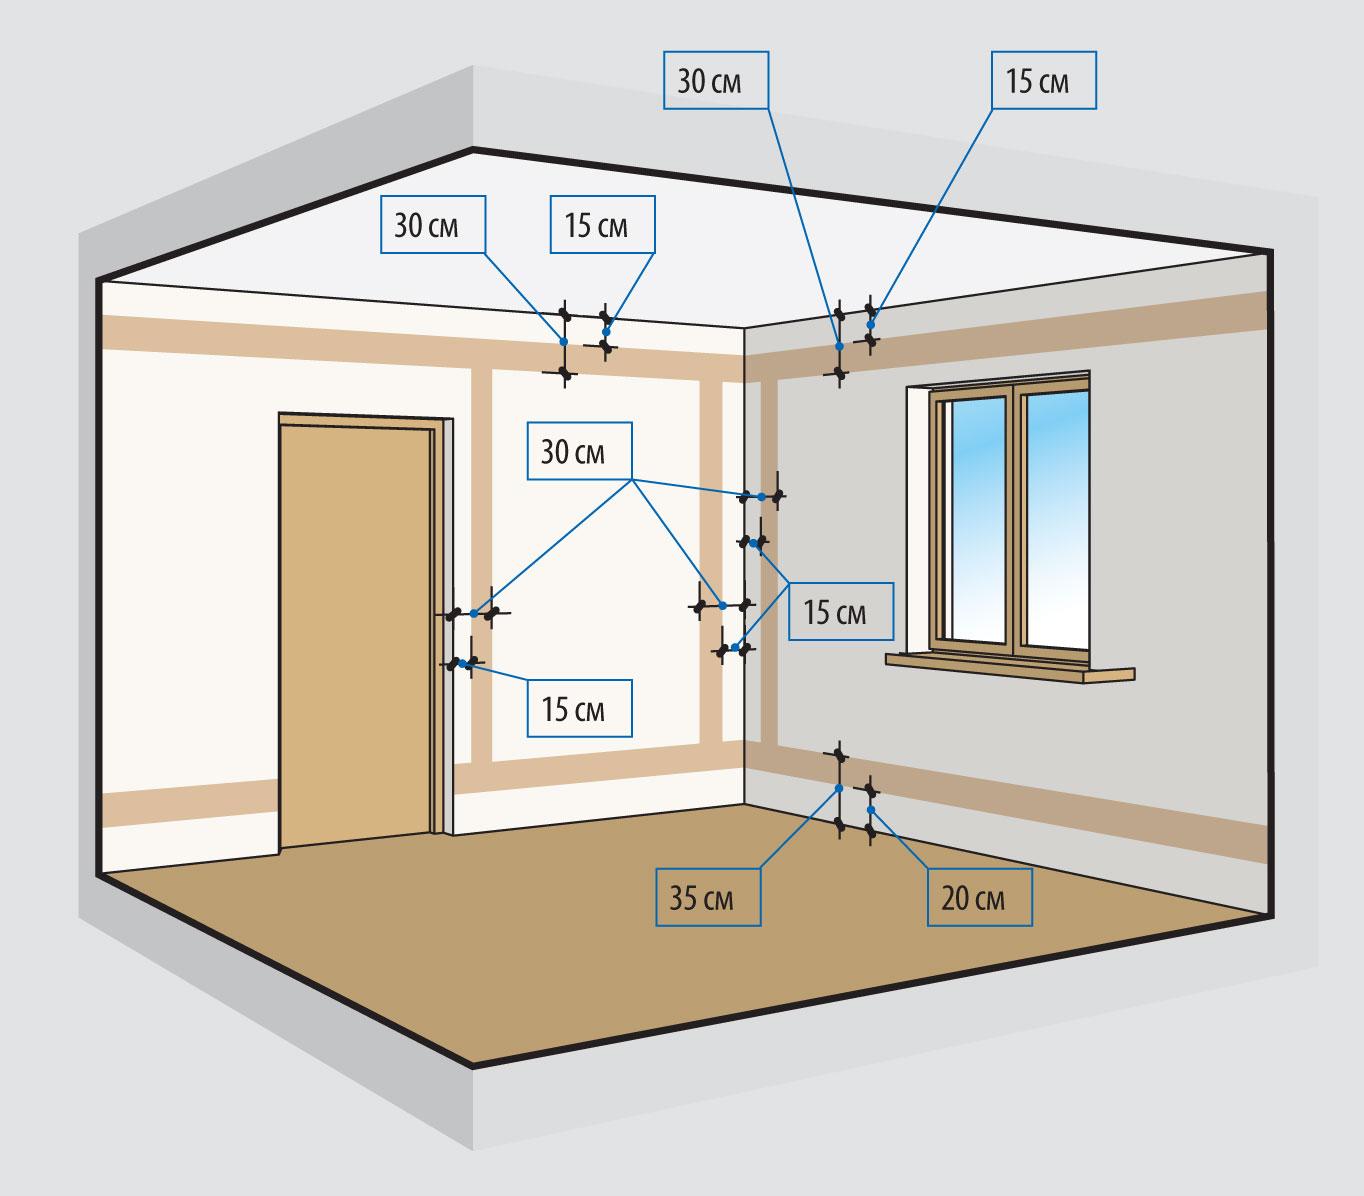 Как провести электричество в своем доме своими руками